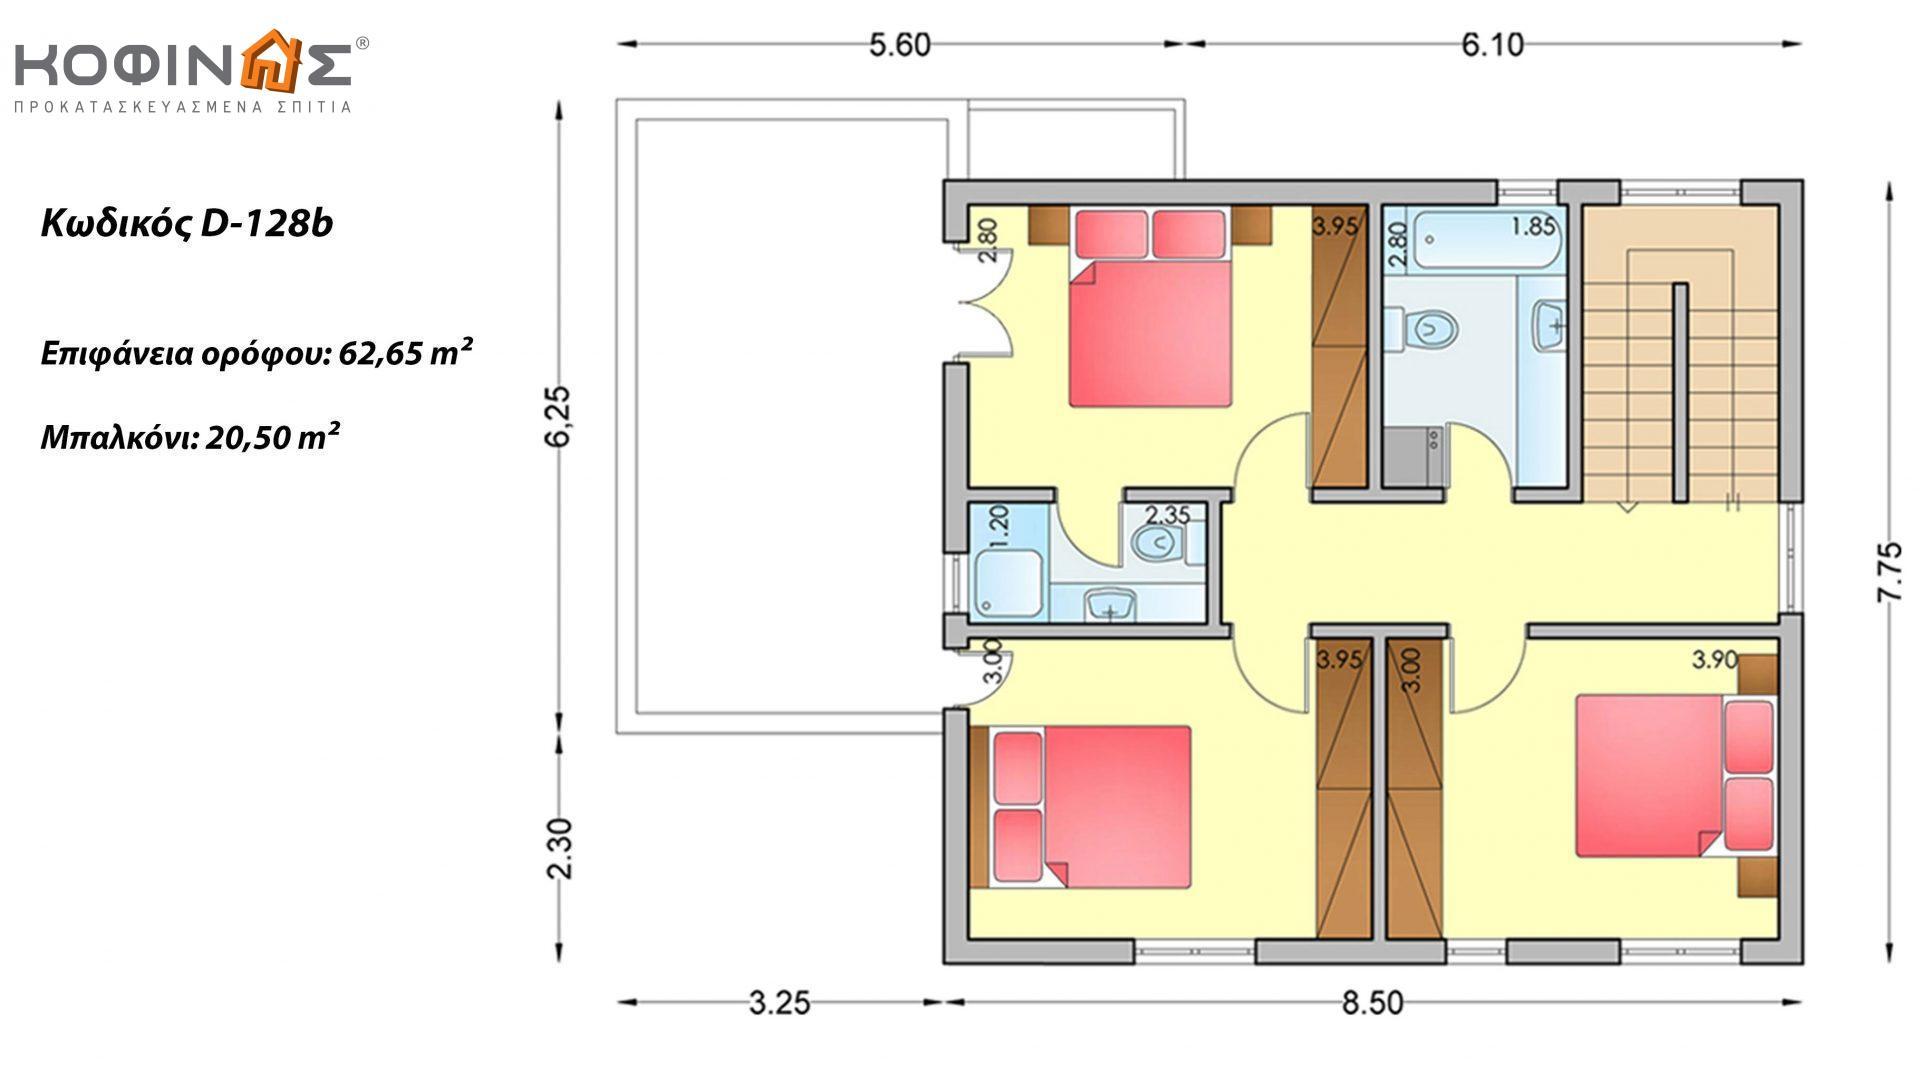 Διώροφη Κατοικία D-125, συνολικής επιφάνειας 125,30 τ.μ., συνολική επιφάνεια στεγασμένων χώρων 4.70 τ.μ., μπαλκόνια 20.50 τ.μ.